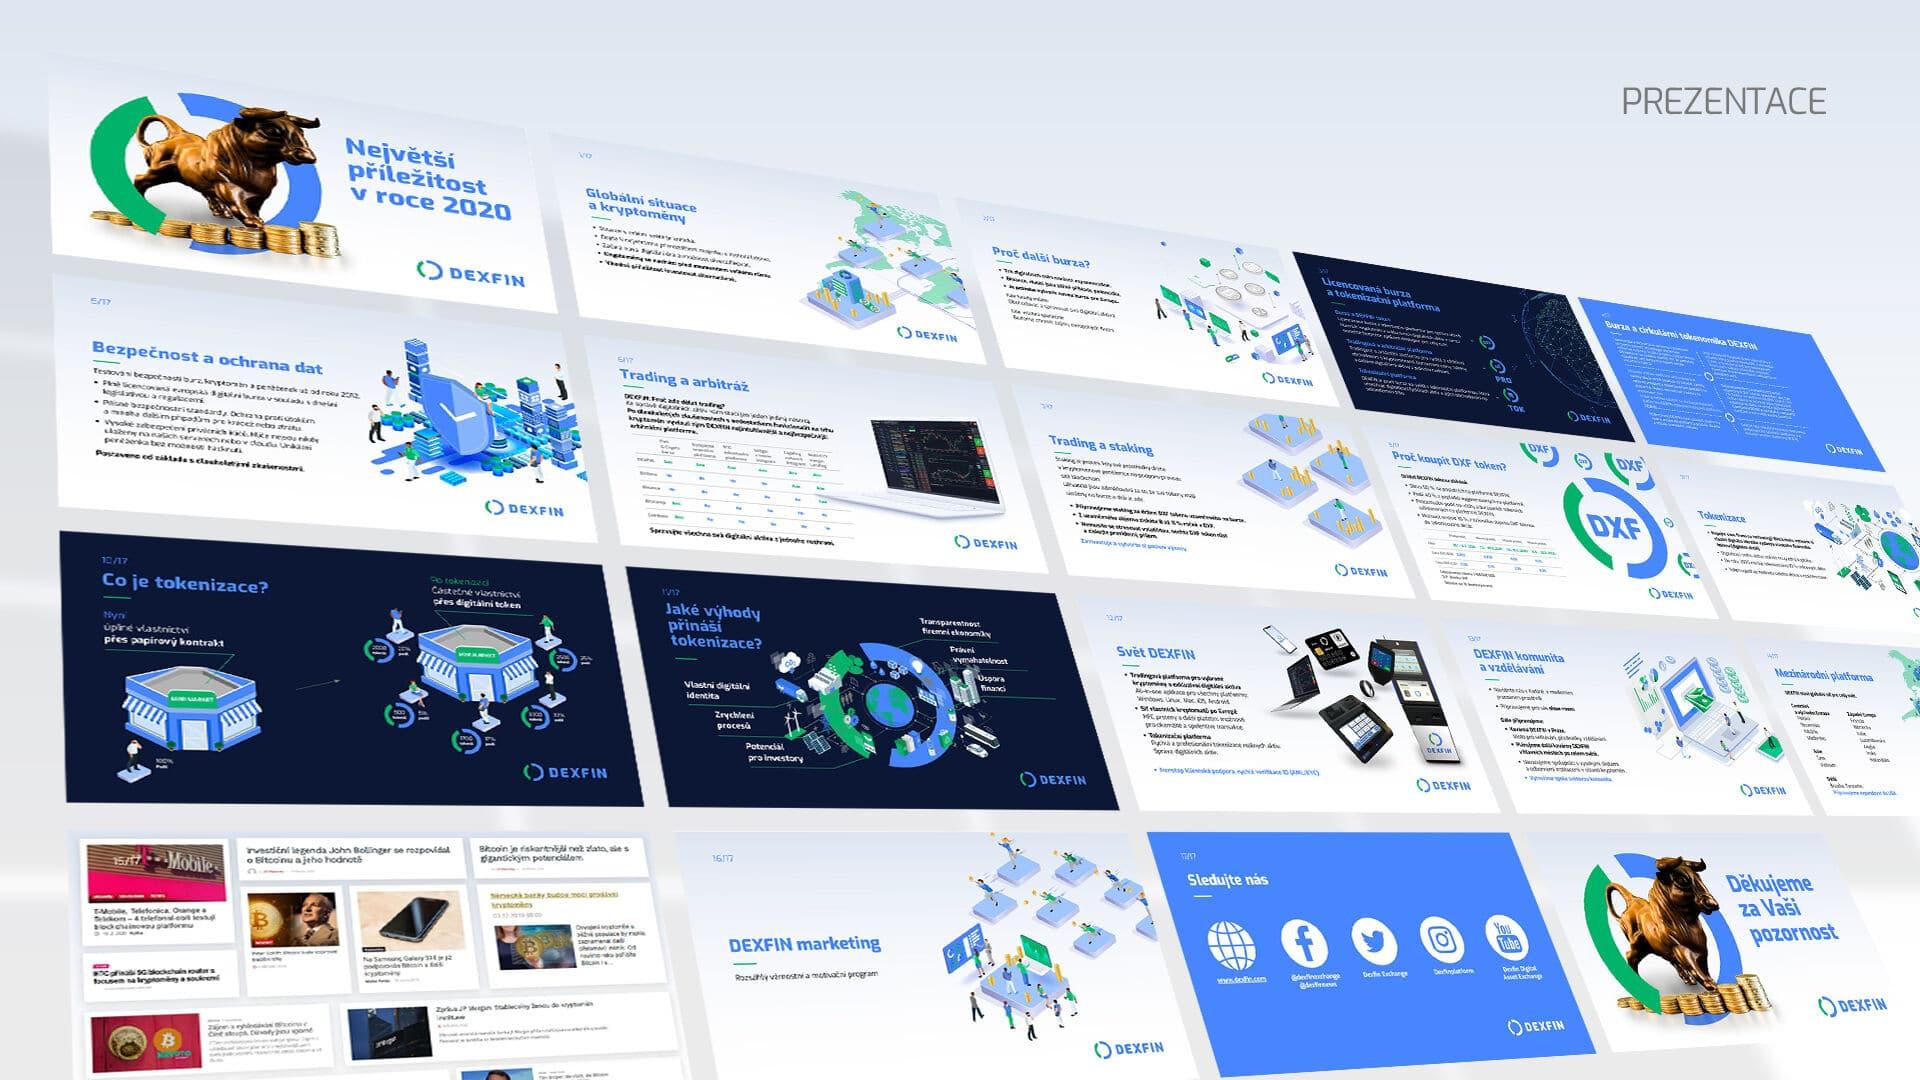 Tvorba loga avizuální identity Dexfin prezentace webinář